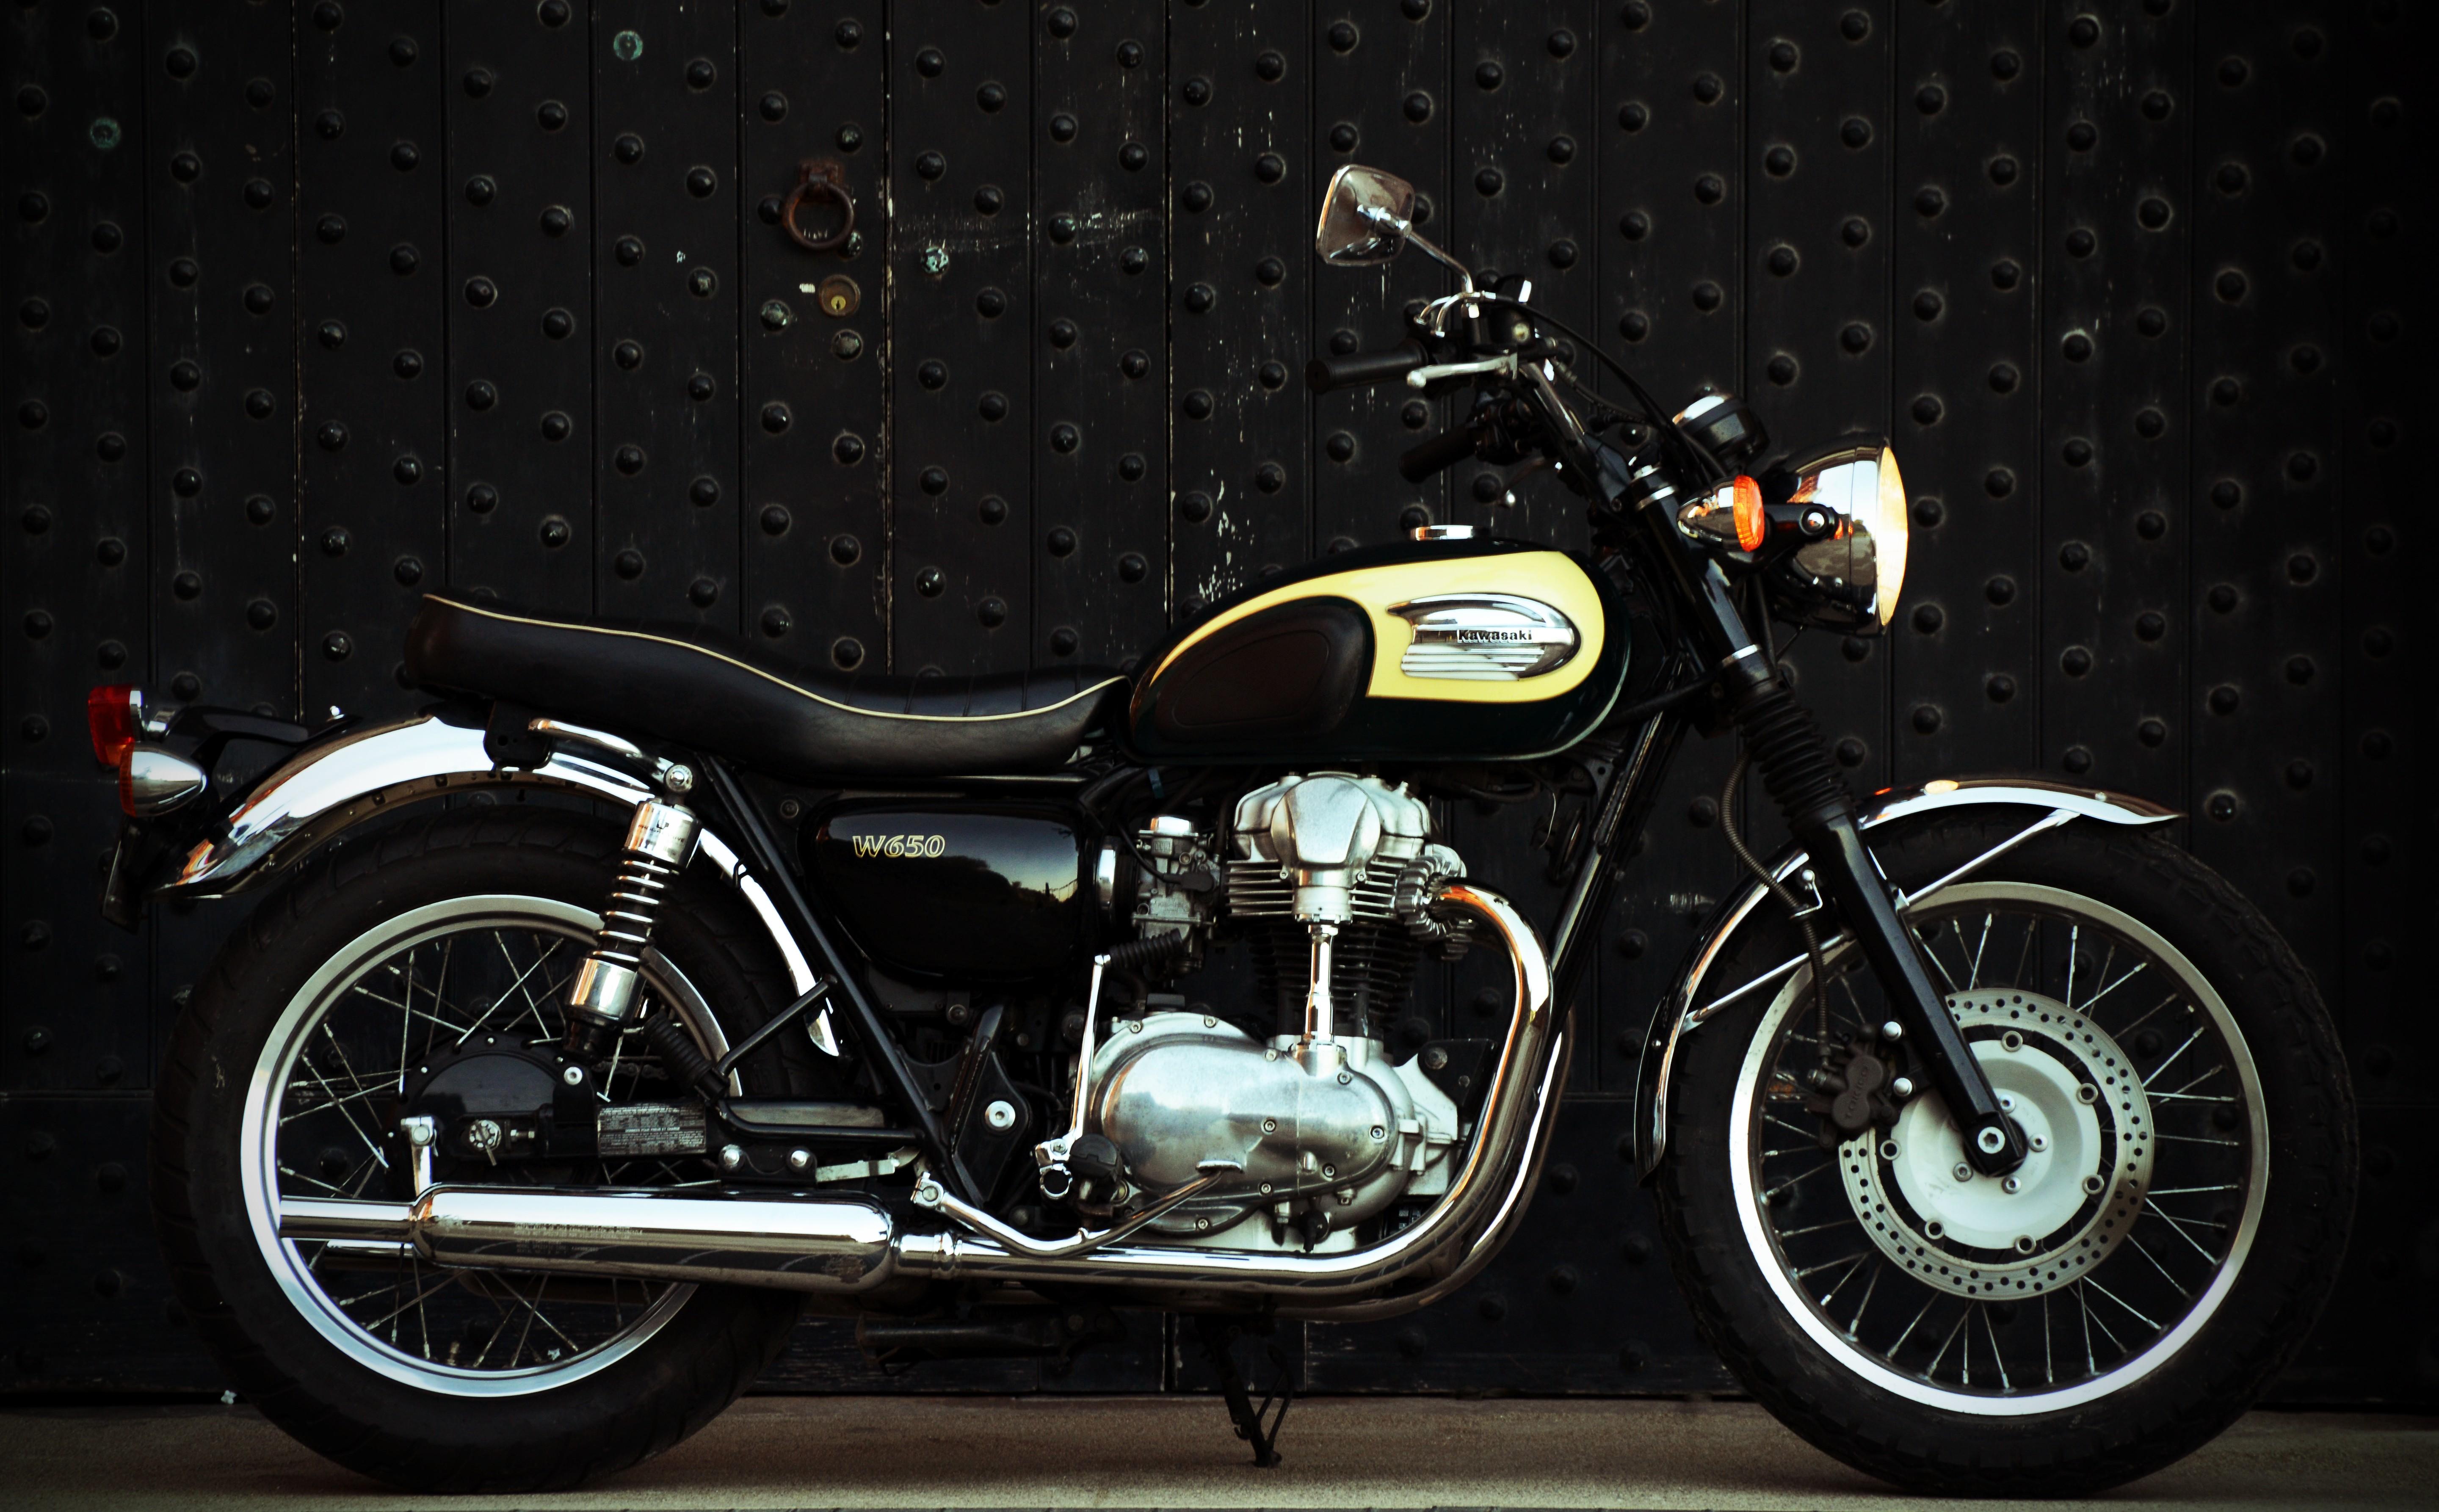 Cafe Racer Kawasaki W650